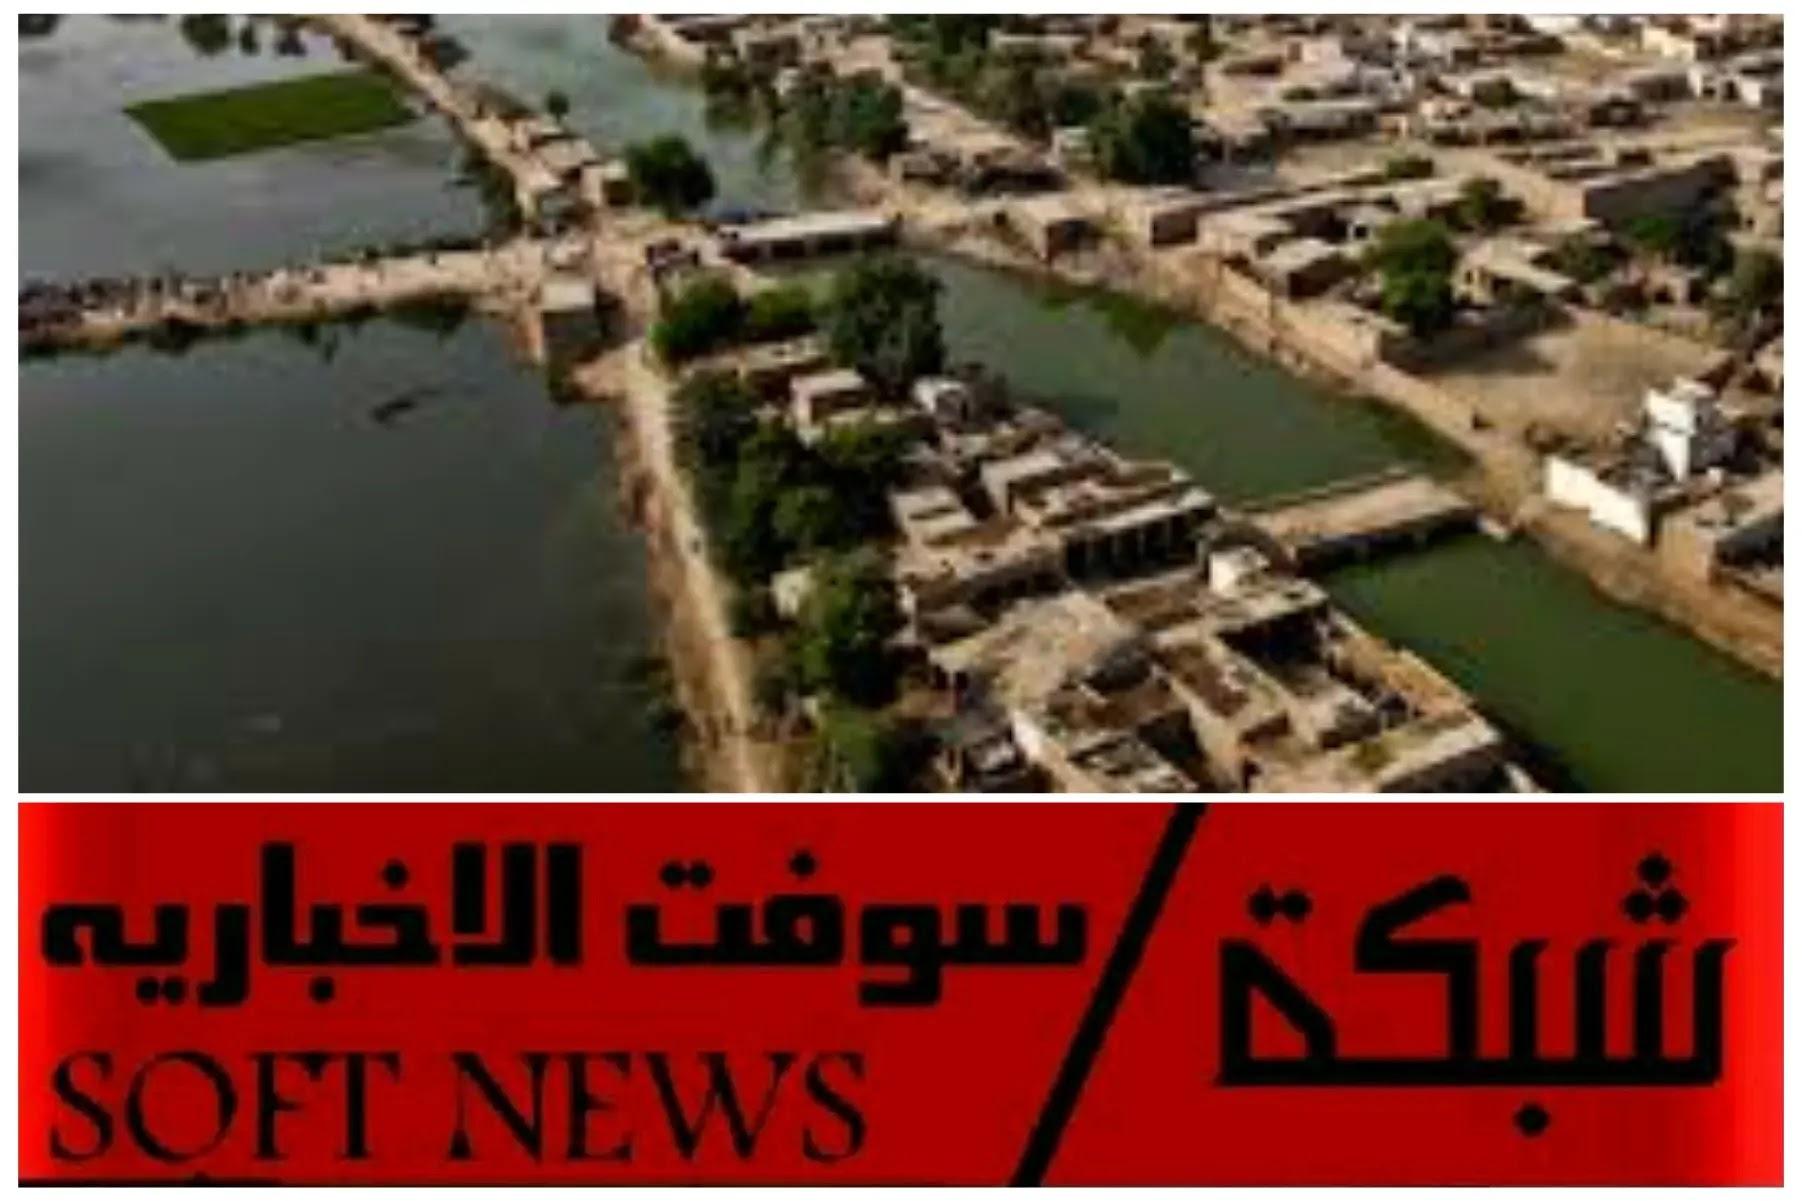 فيضانات السودان الكارثيه وا  بعض العائلات تجد ماوي في المدارس